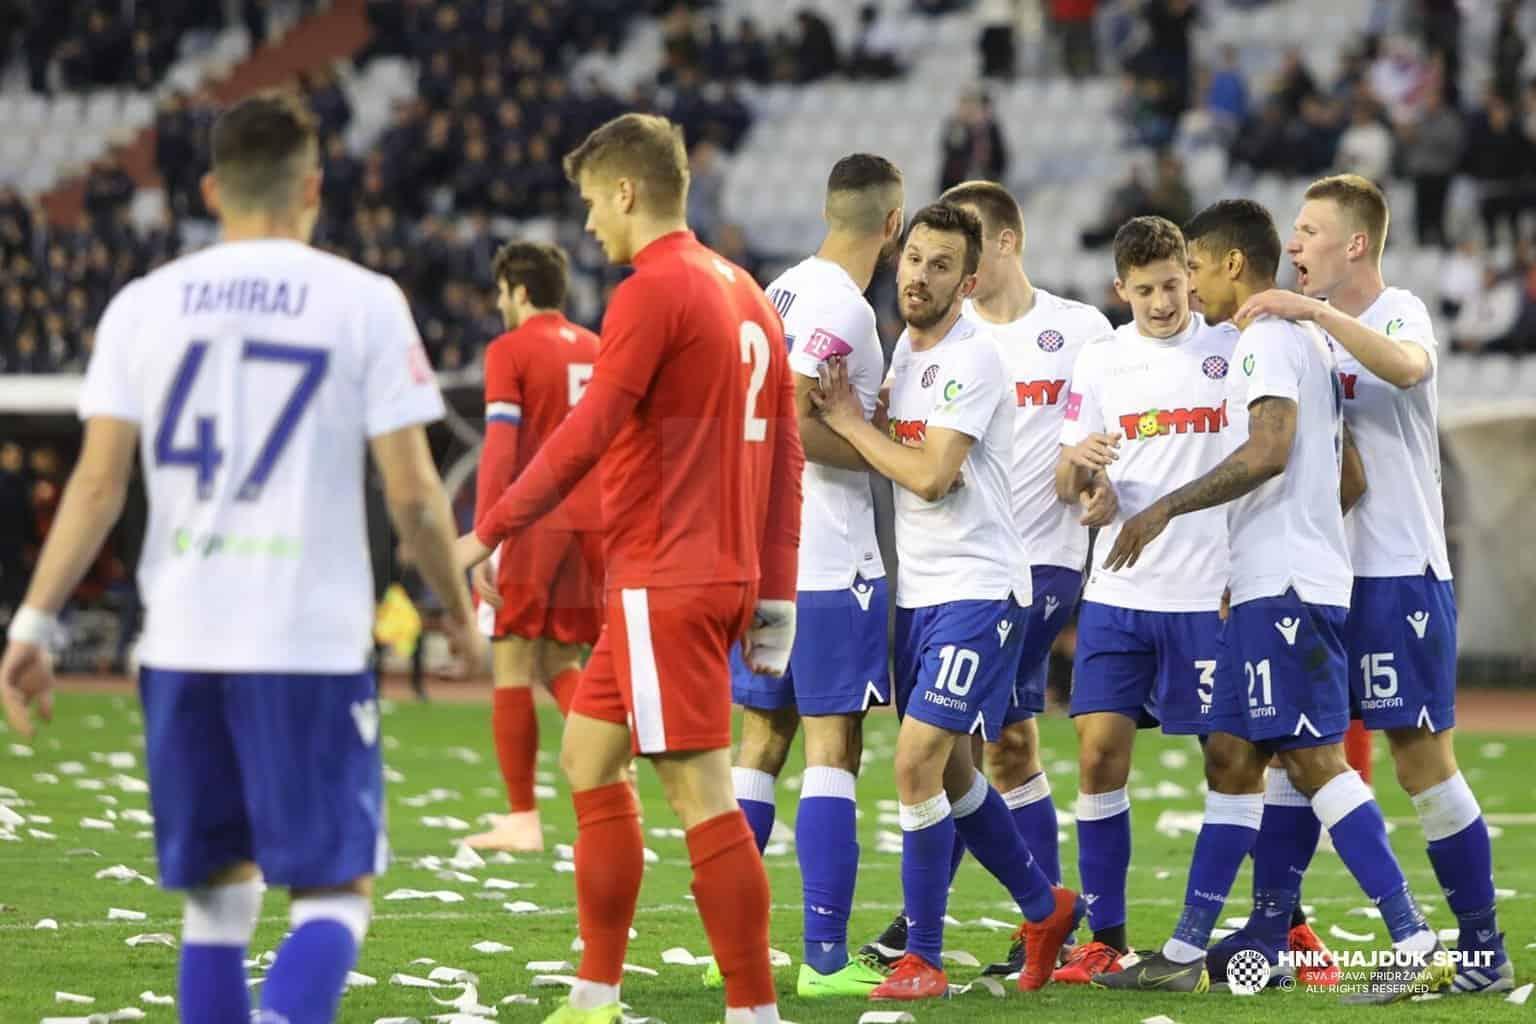 Uvjerljivo slavlje Hajduka protiv Rudeša VIDEO